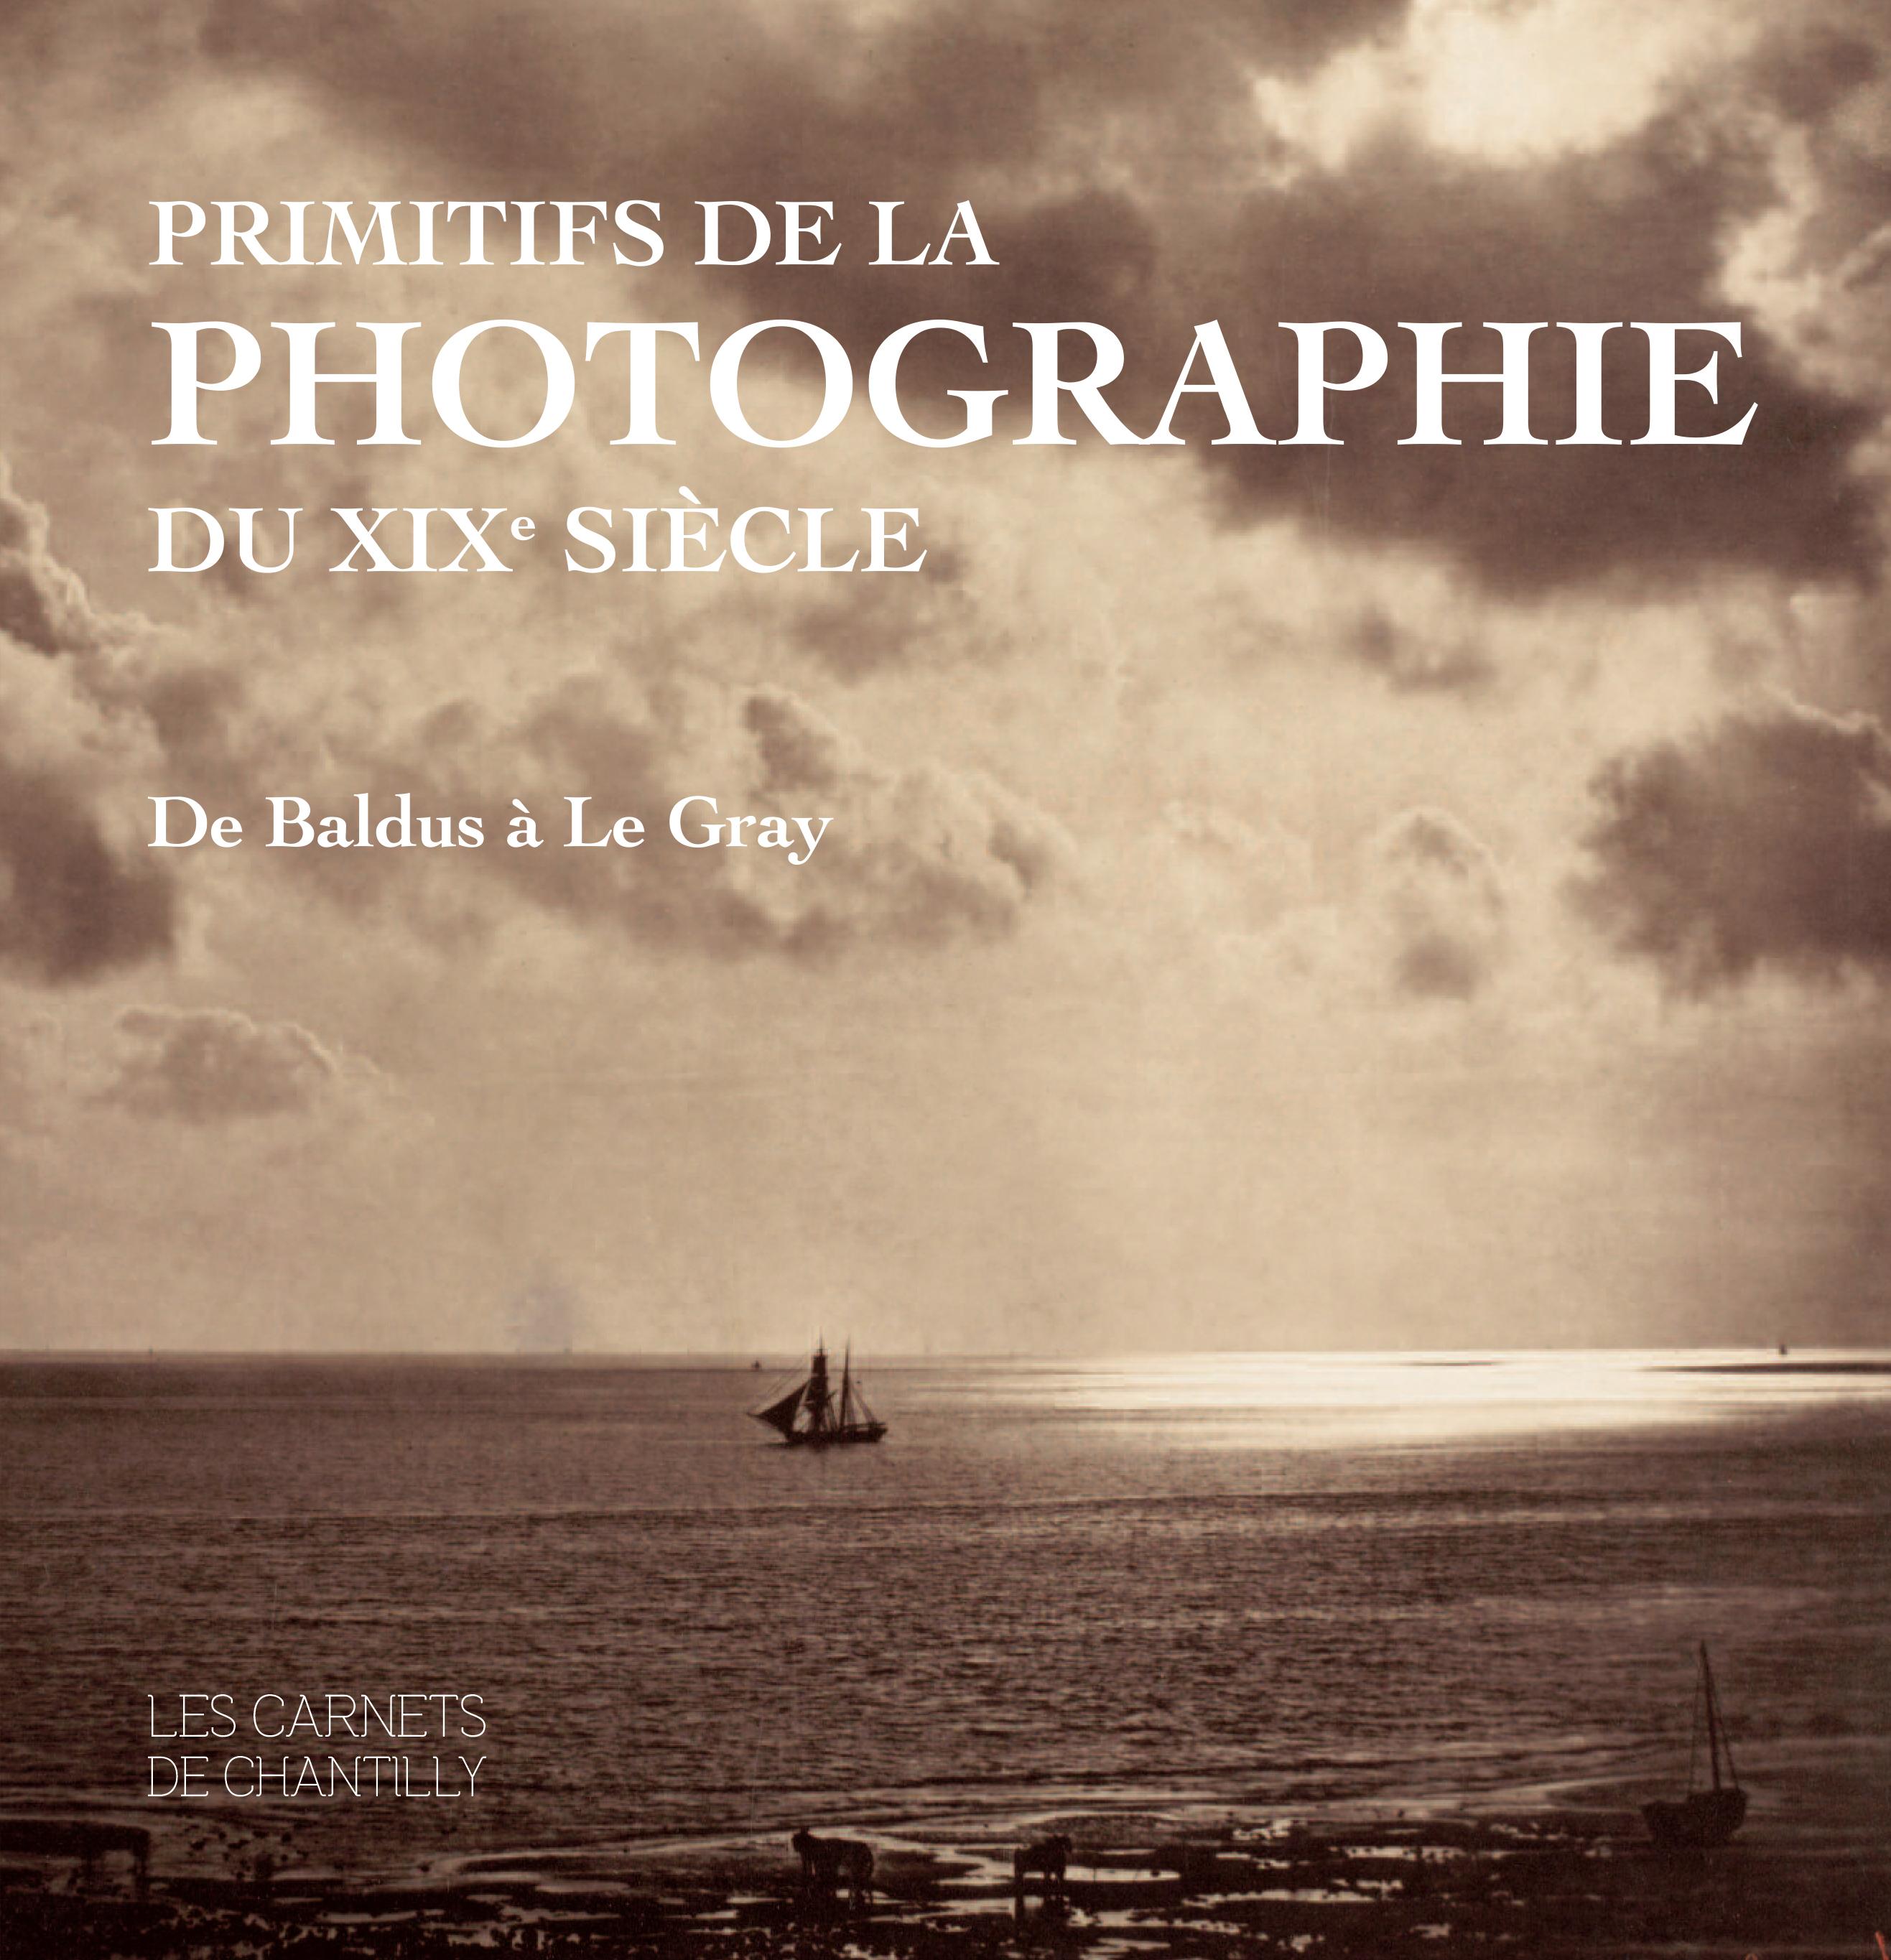 PRIMITIFS DE LA PHOTOGRAPHIE DU XIXE SIECLE - DE BALDUS A LE GRAY